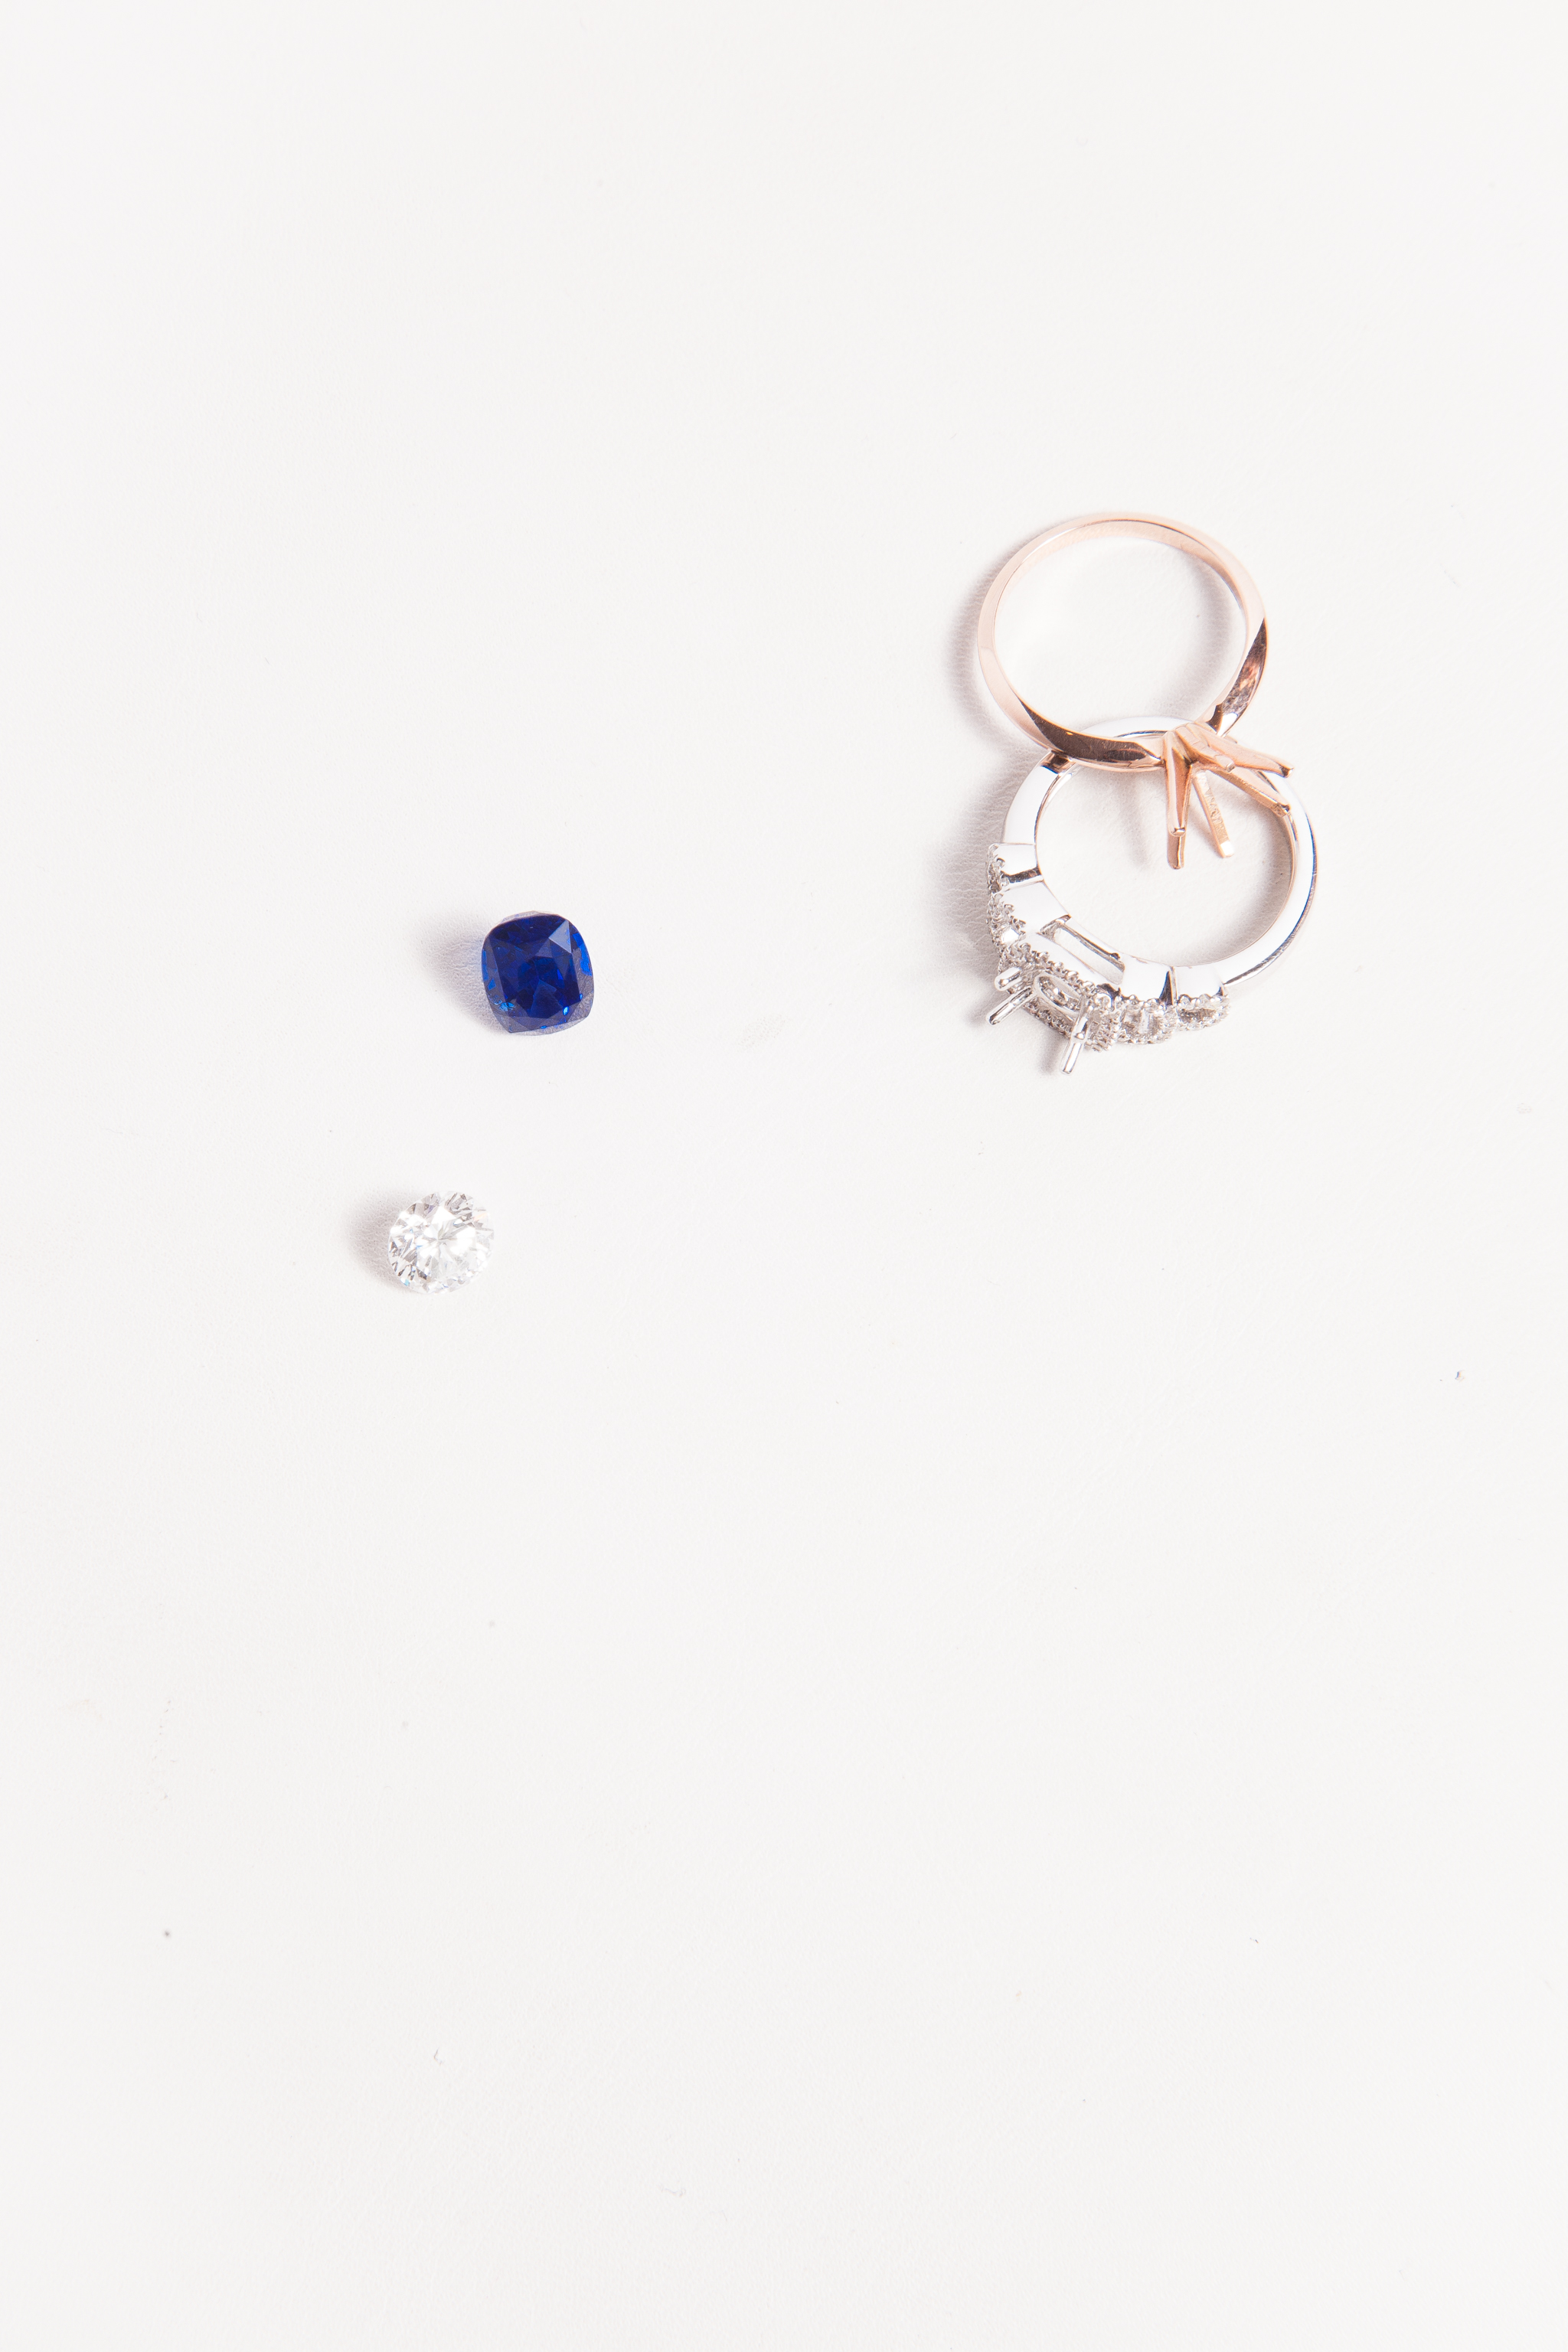 Cresalia-Jewelry-4417.jpg